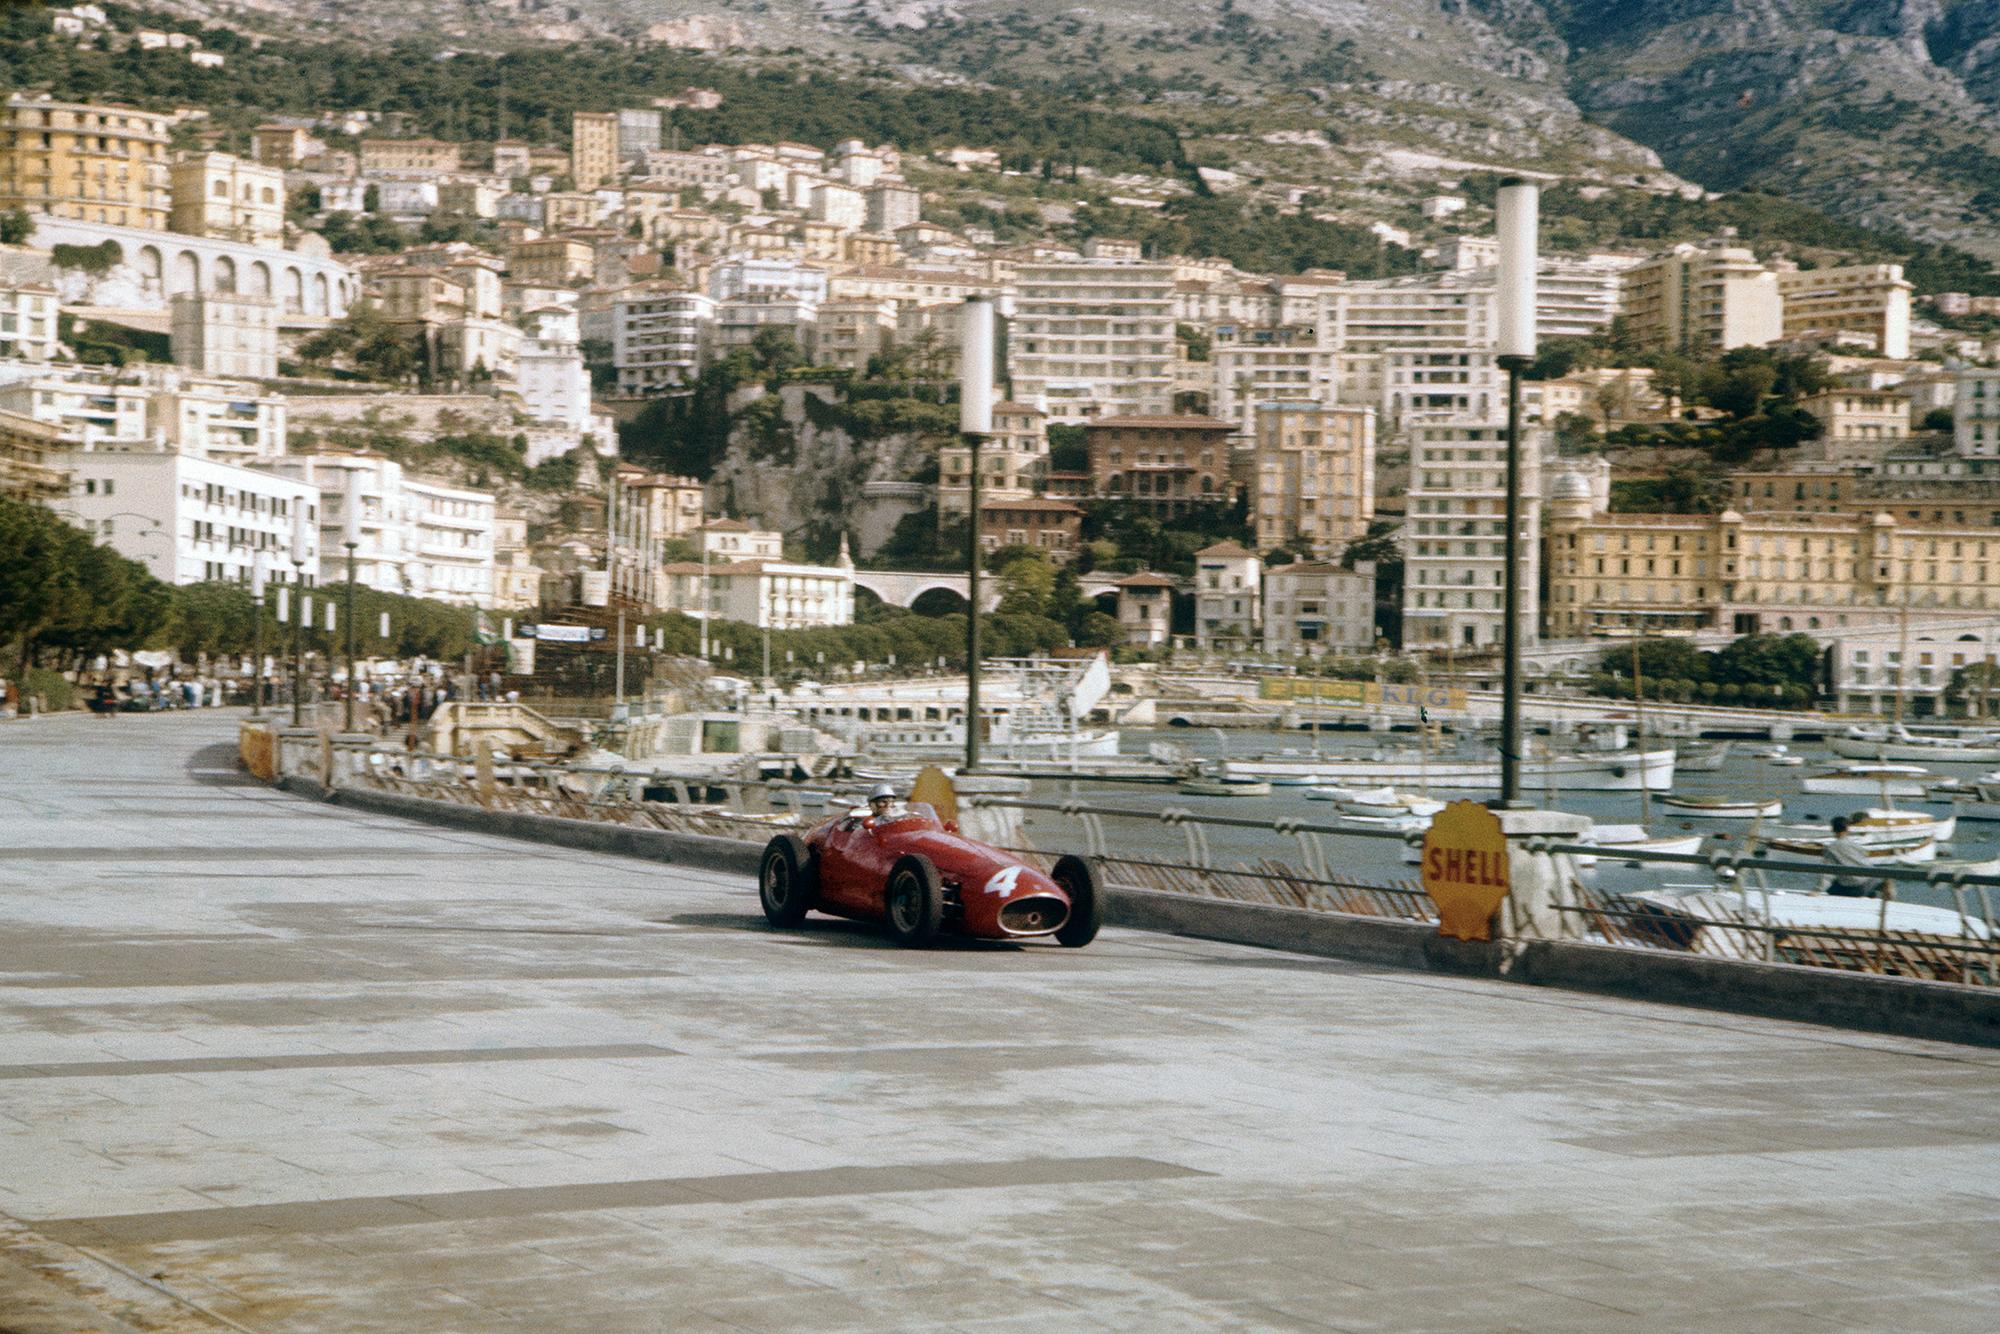 Andre Simon attempts to qualify his Maserati 250F at the 1957 Monaco Grand Prix.